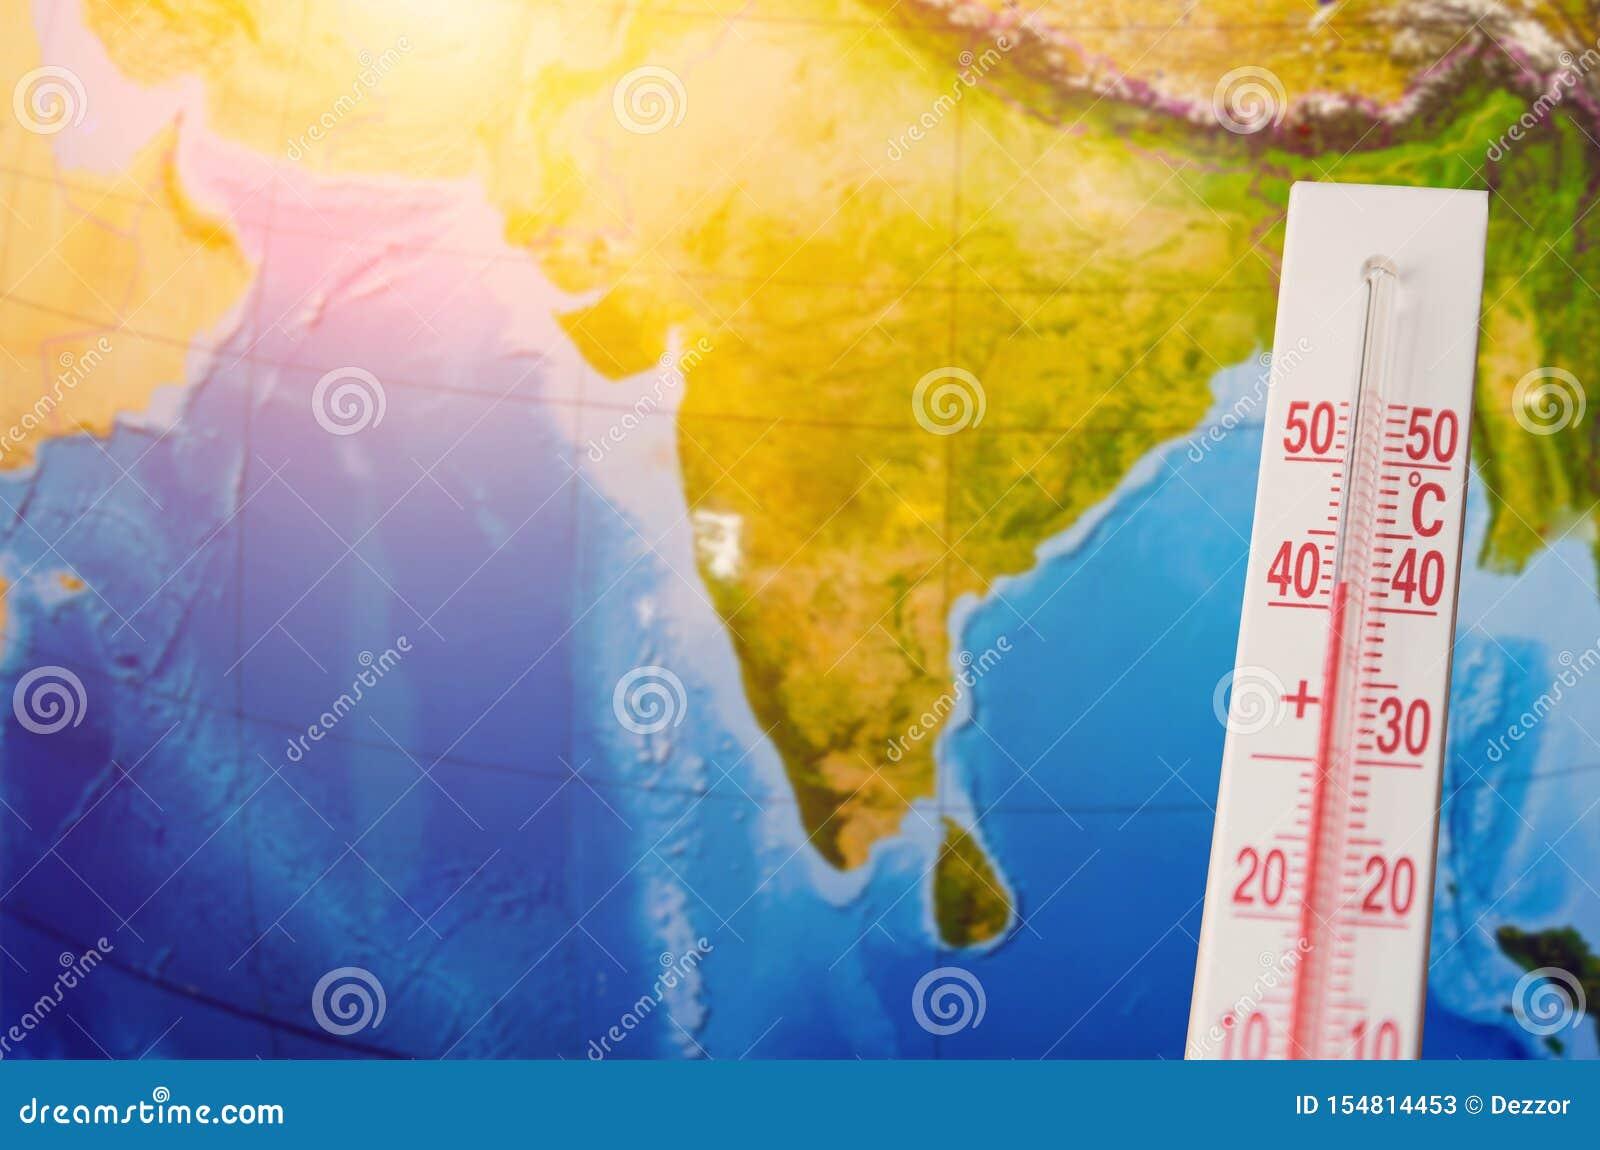 Termometro con una temperatura elevata centigrado di quaranta gradi, contro lo sfondo del subcontinente indiano del continente Te